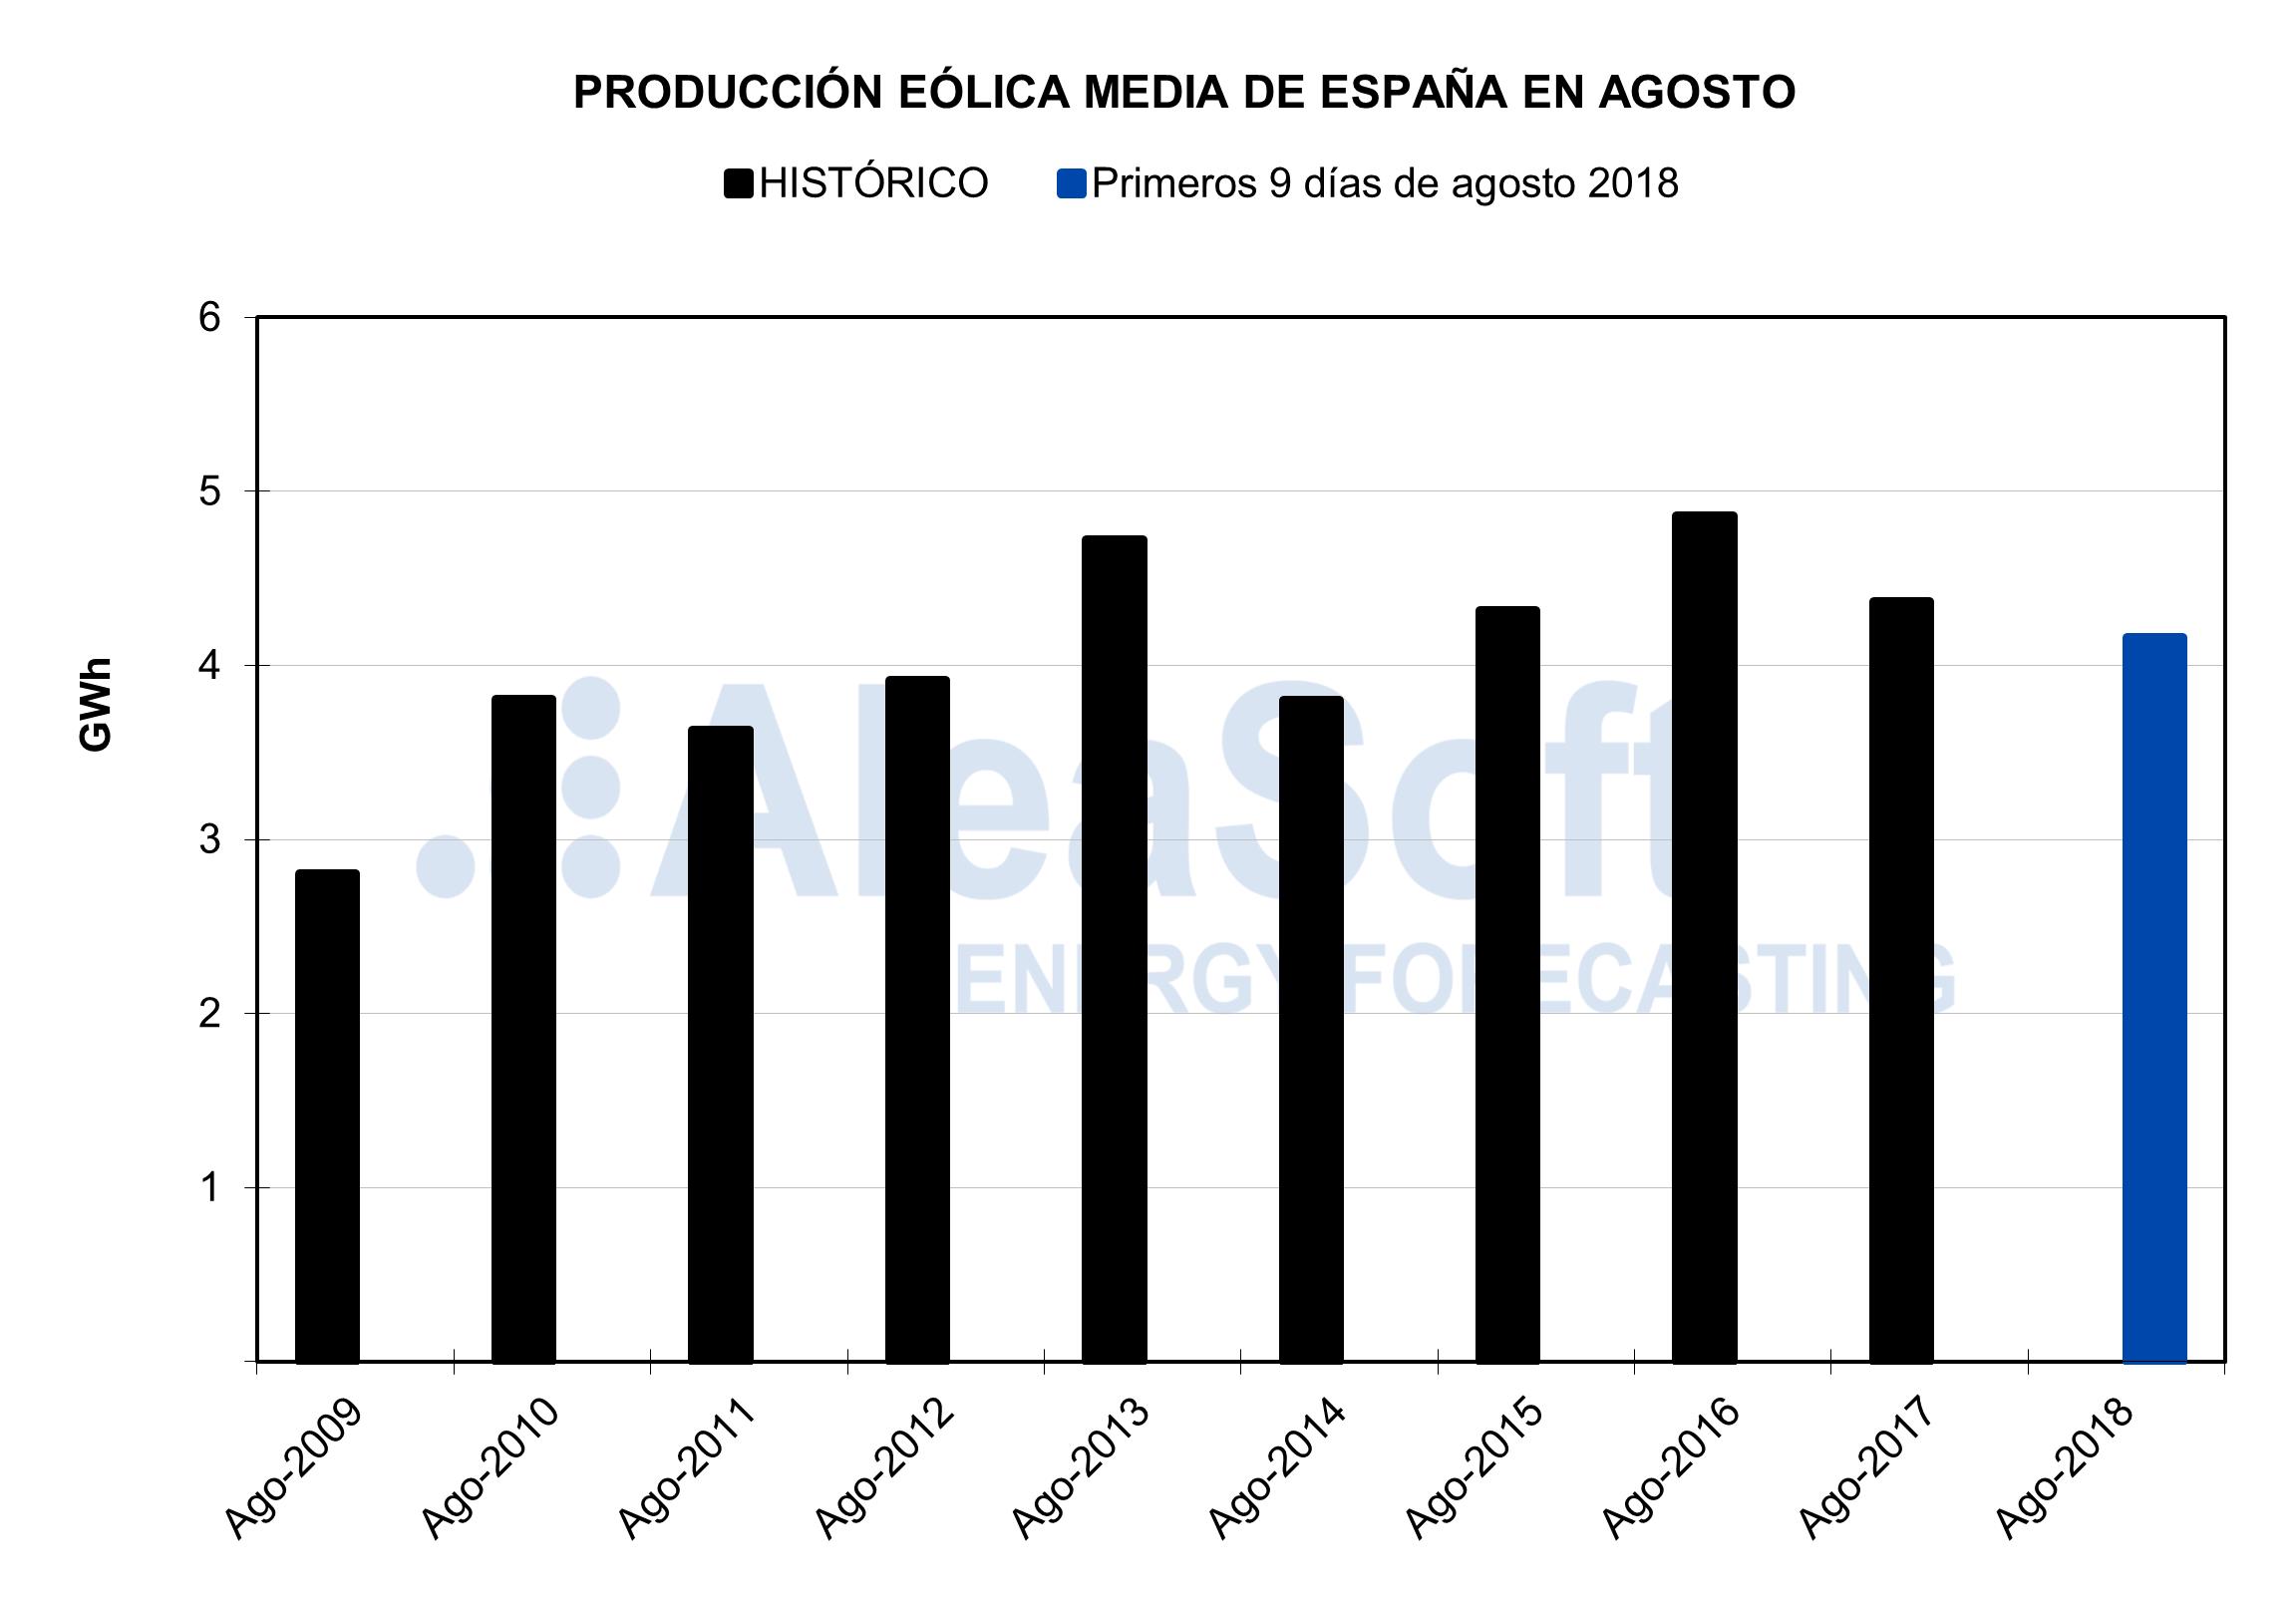 AleaSoft - Producción eólica de España